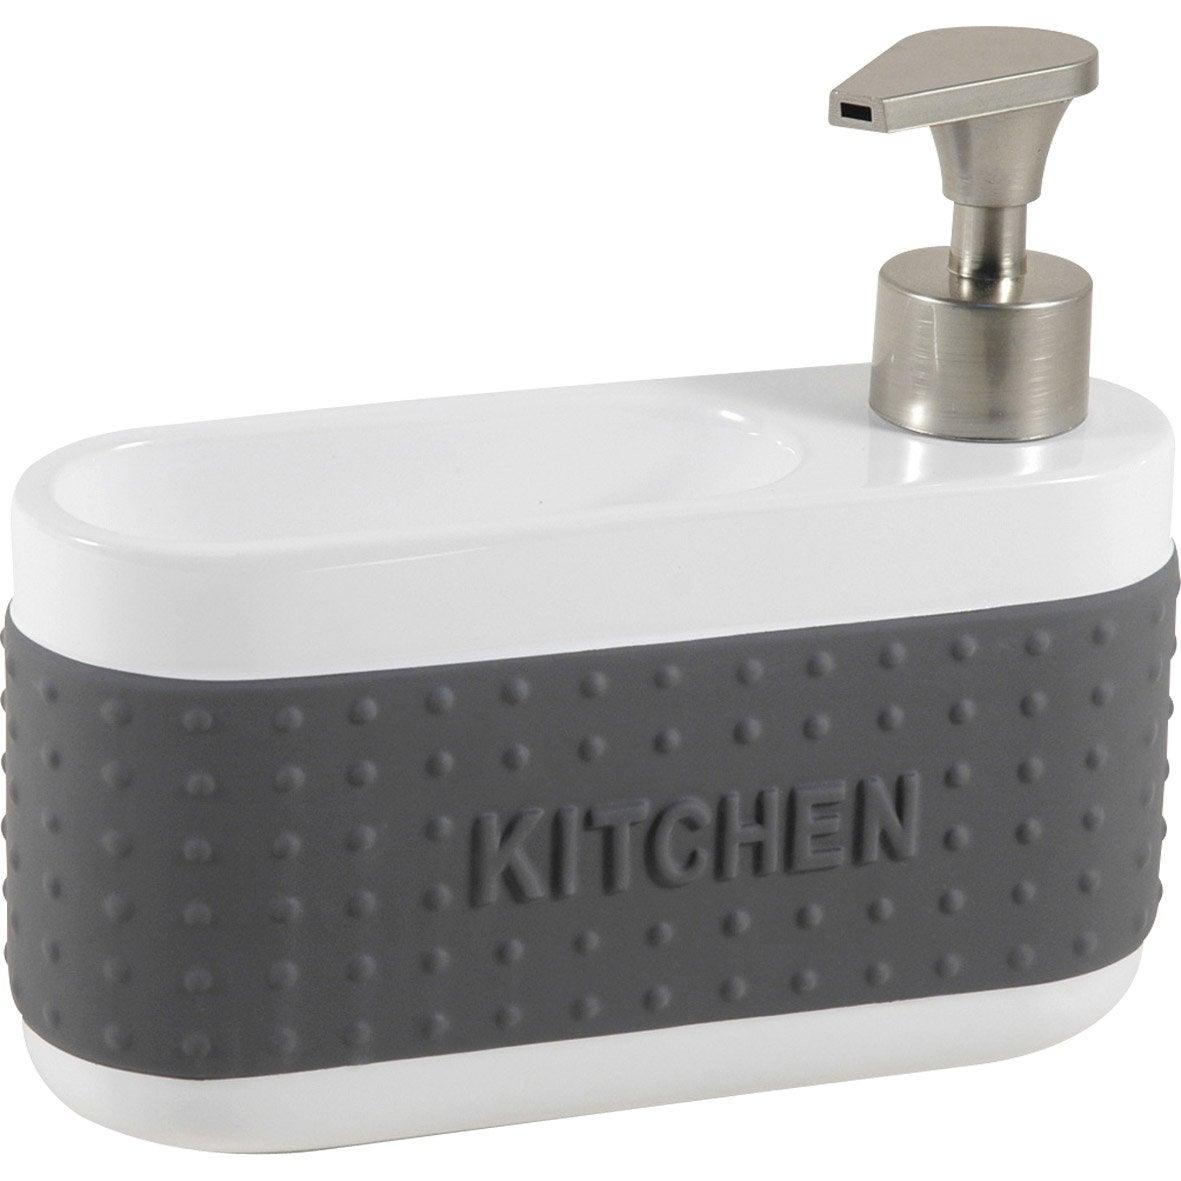 Distributeur de savon céramique avec porte-éponge gris-gris n°1